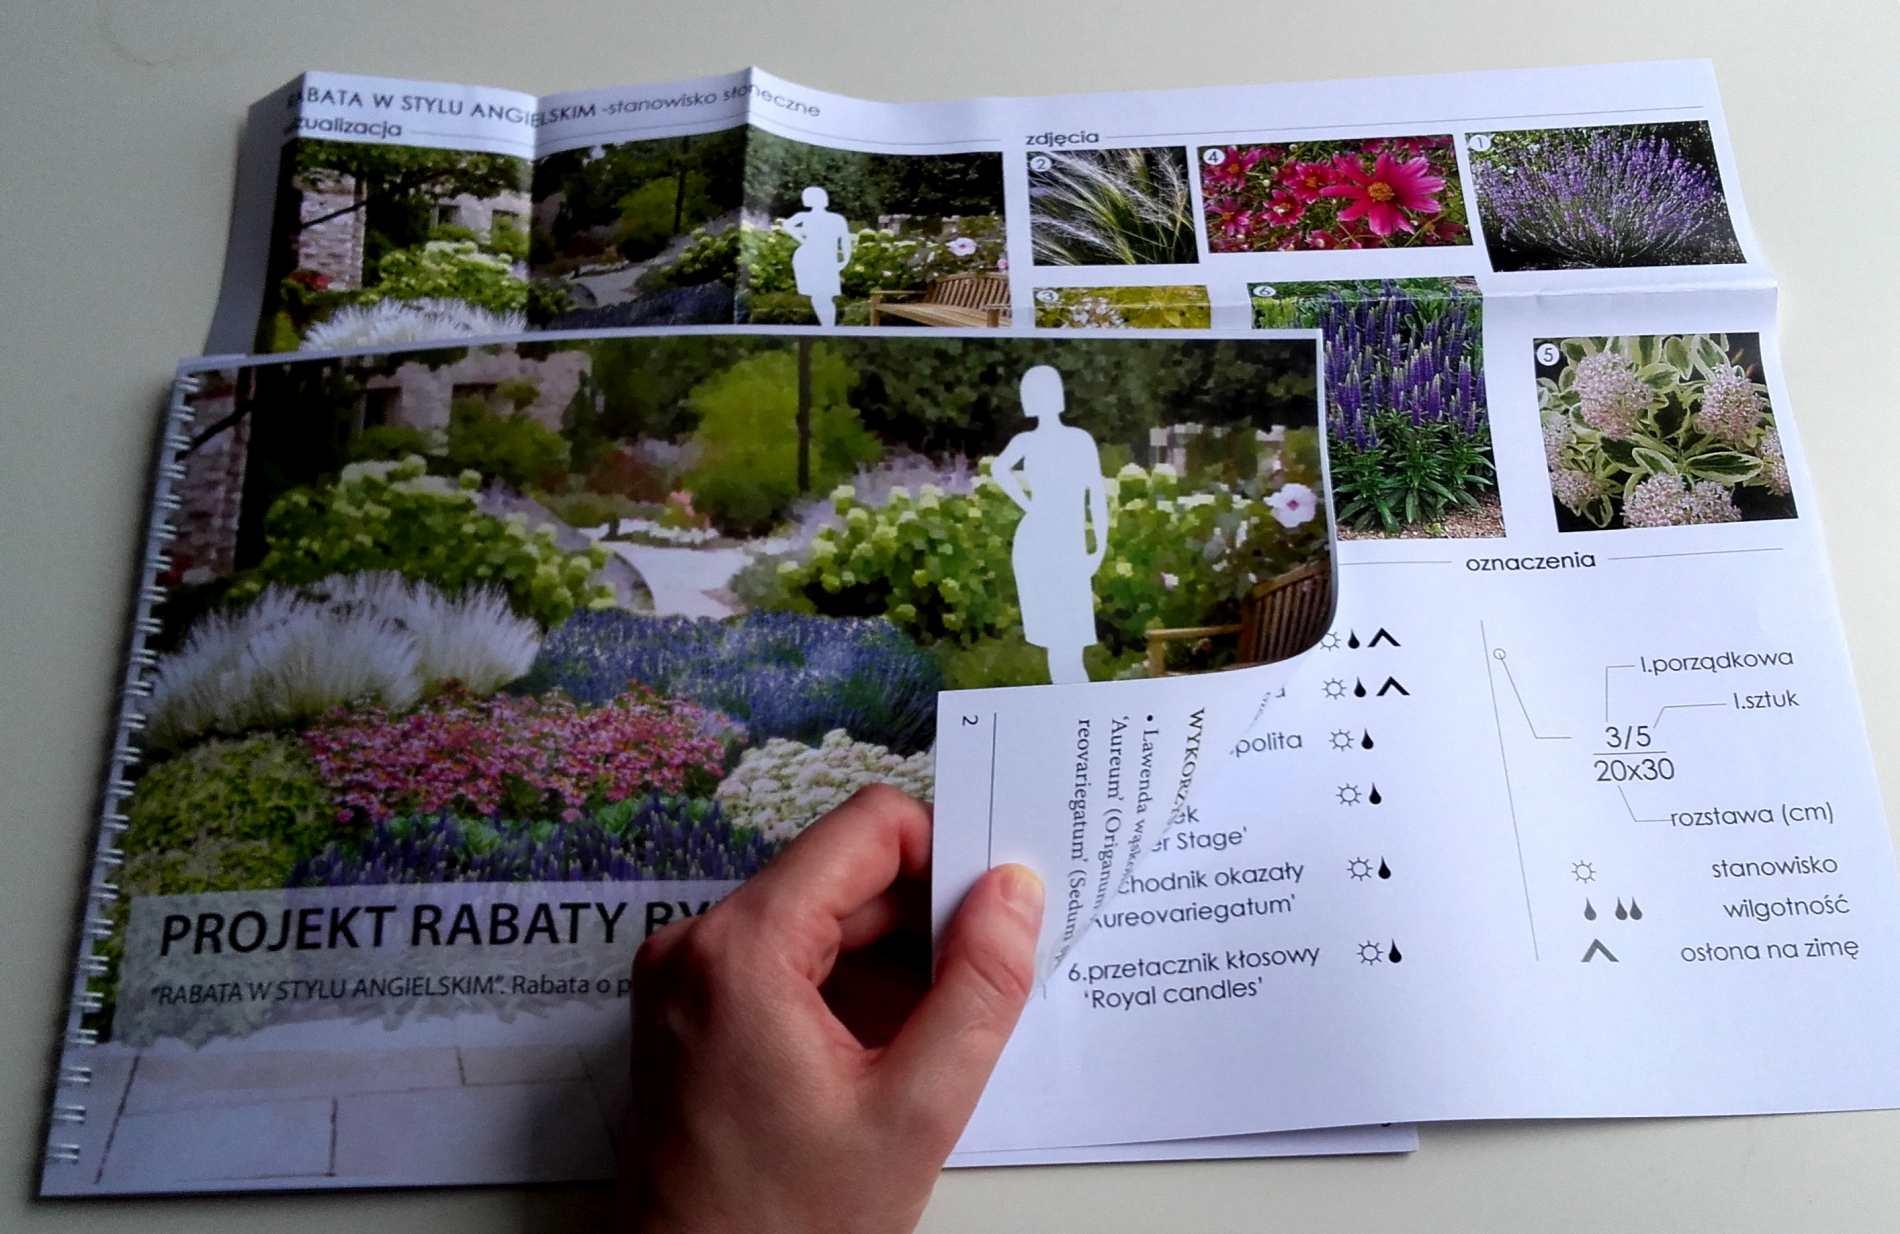 wydrukowany projekt rabaty bylinowej w stylu angielskim